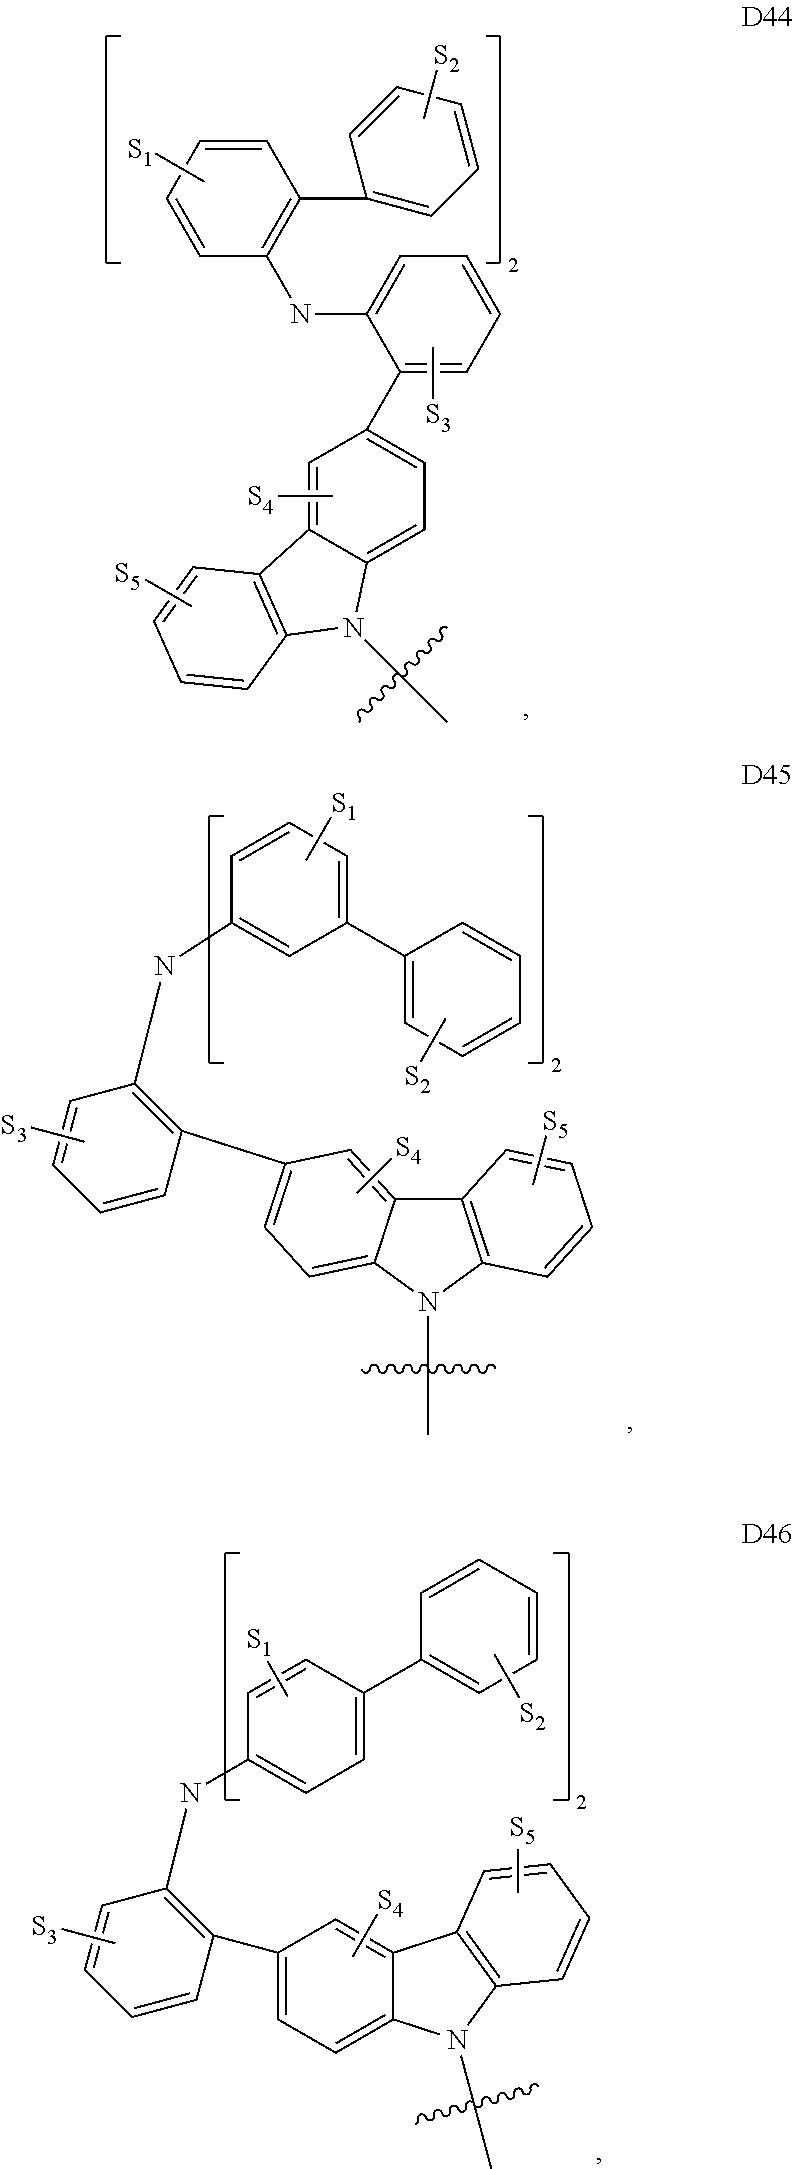 Figure US09324949-20160426-C00017